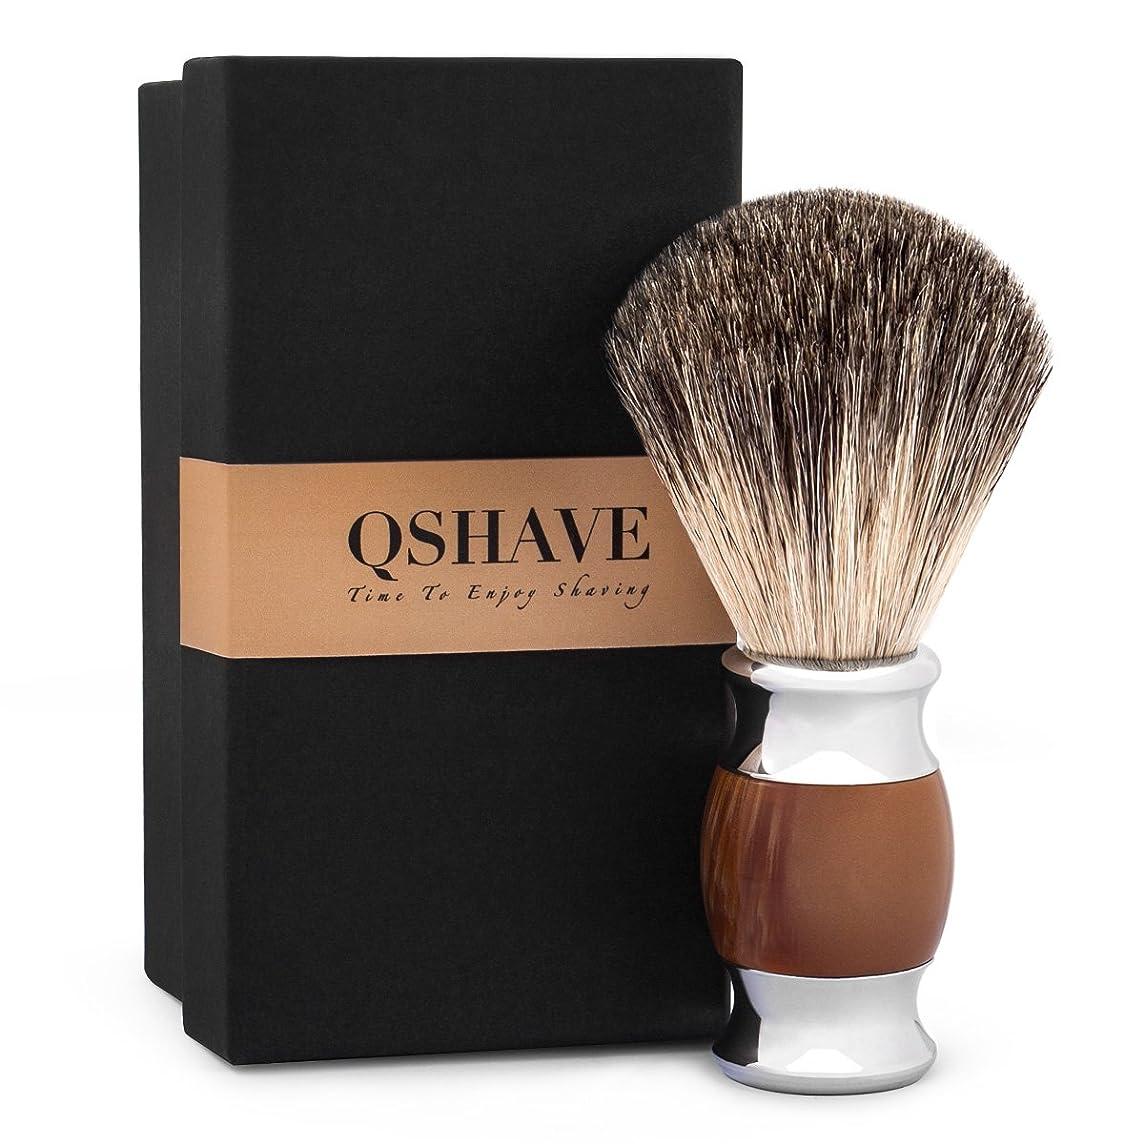 星メロドラマティック理解するQSHAVE 100%最高級アナグマ毛オリジナルハンドメイドシェービングブラシ。人工メノウ ハンドル。ウェットシェービング、安全カミソリ、両刃カミソリに最適